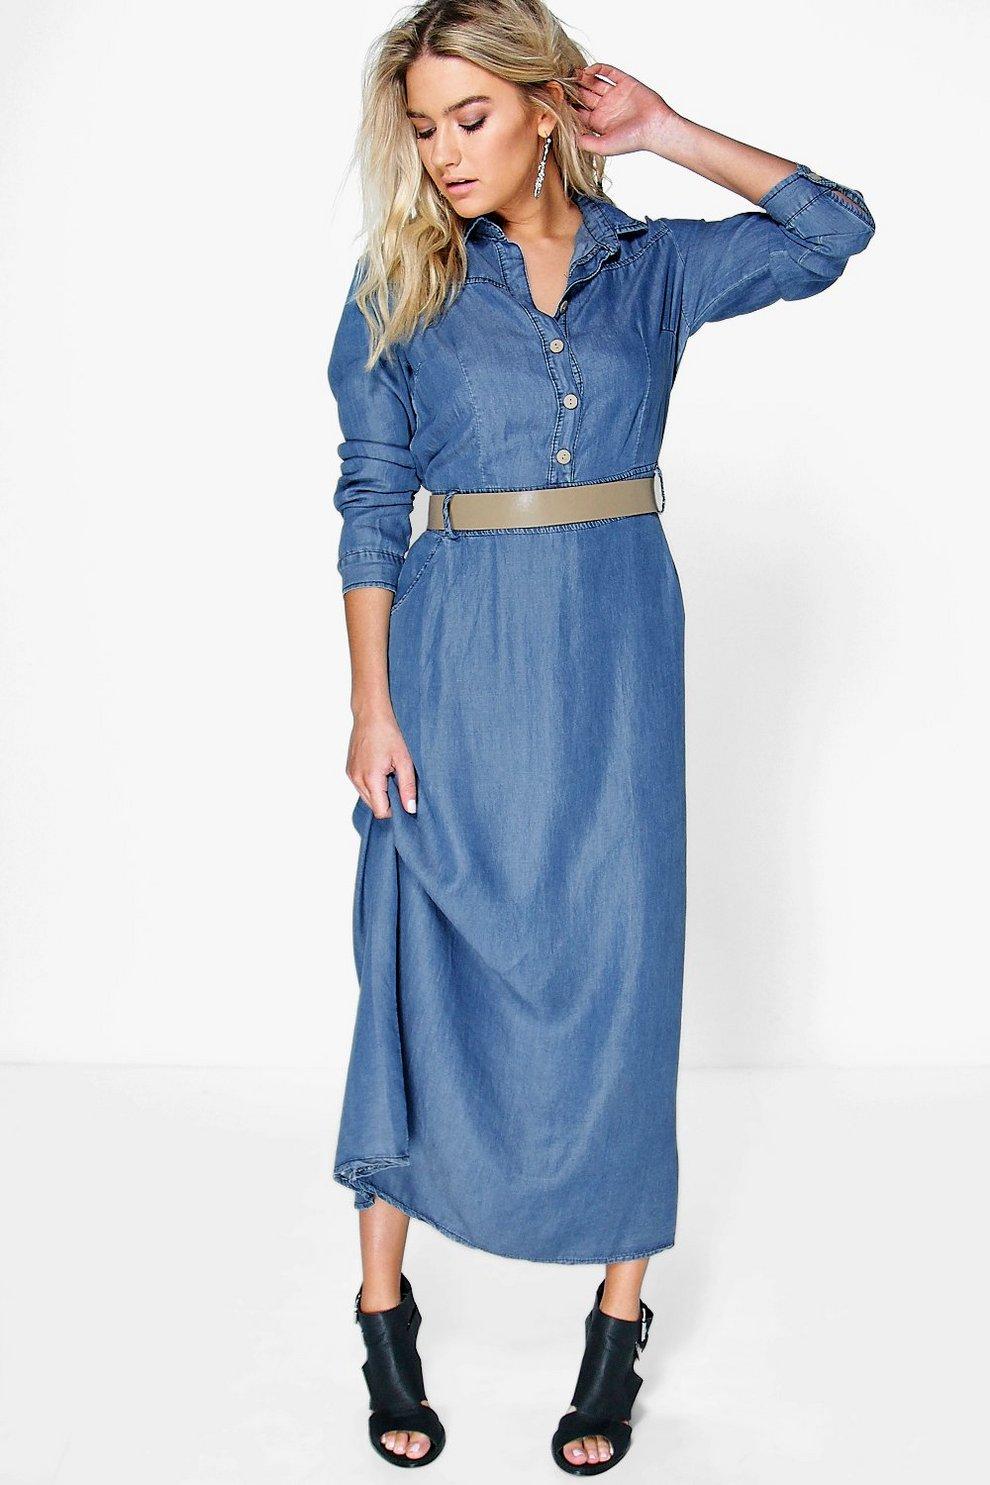 283374e05fe2 sarah abito lungo in denim con bottoni e maniche lunghe